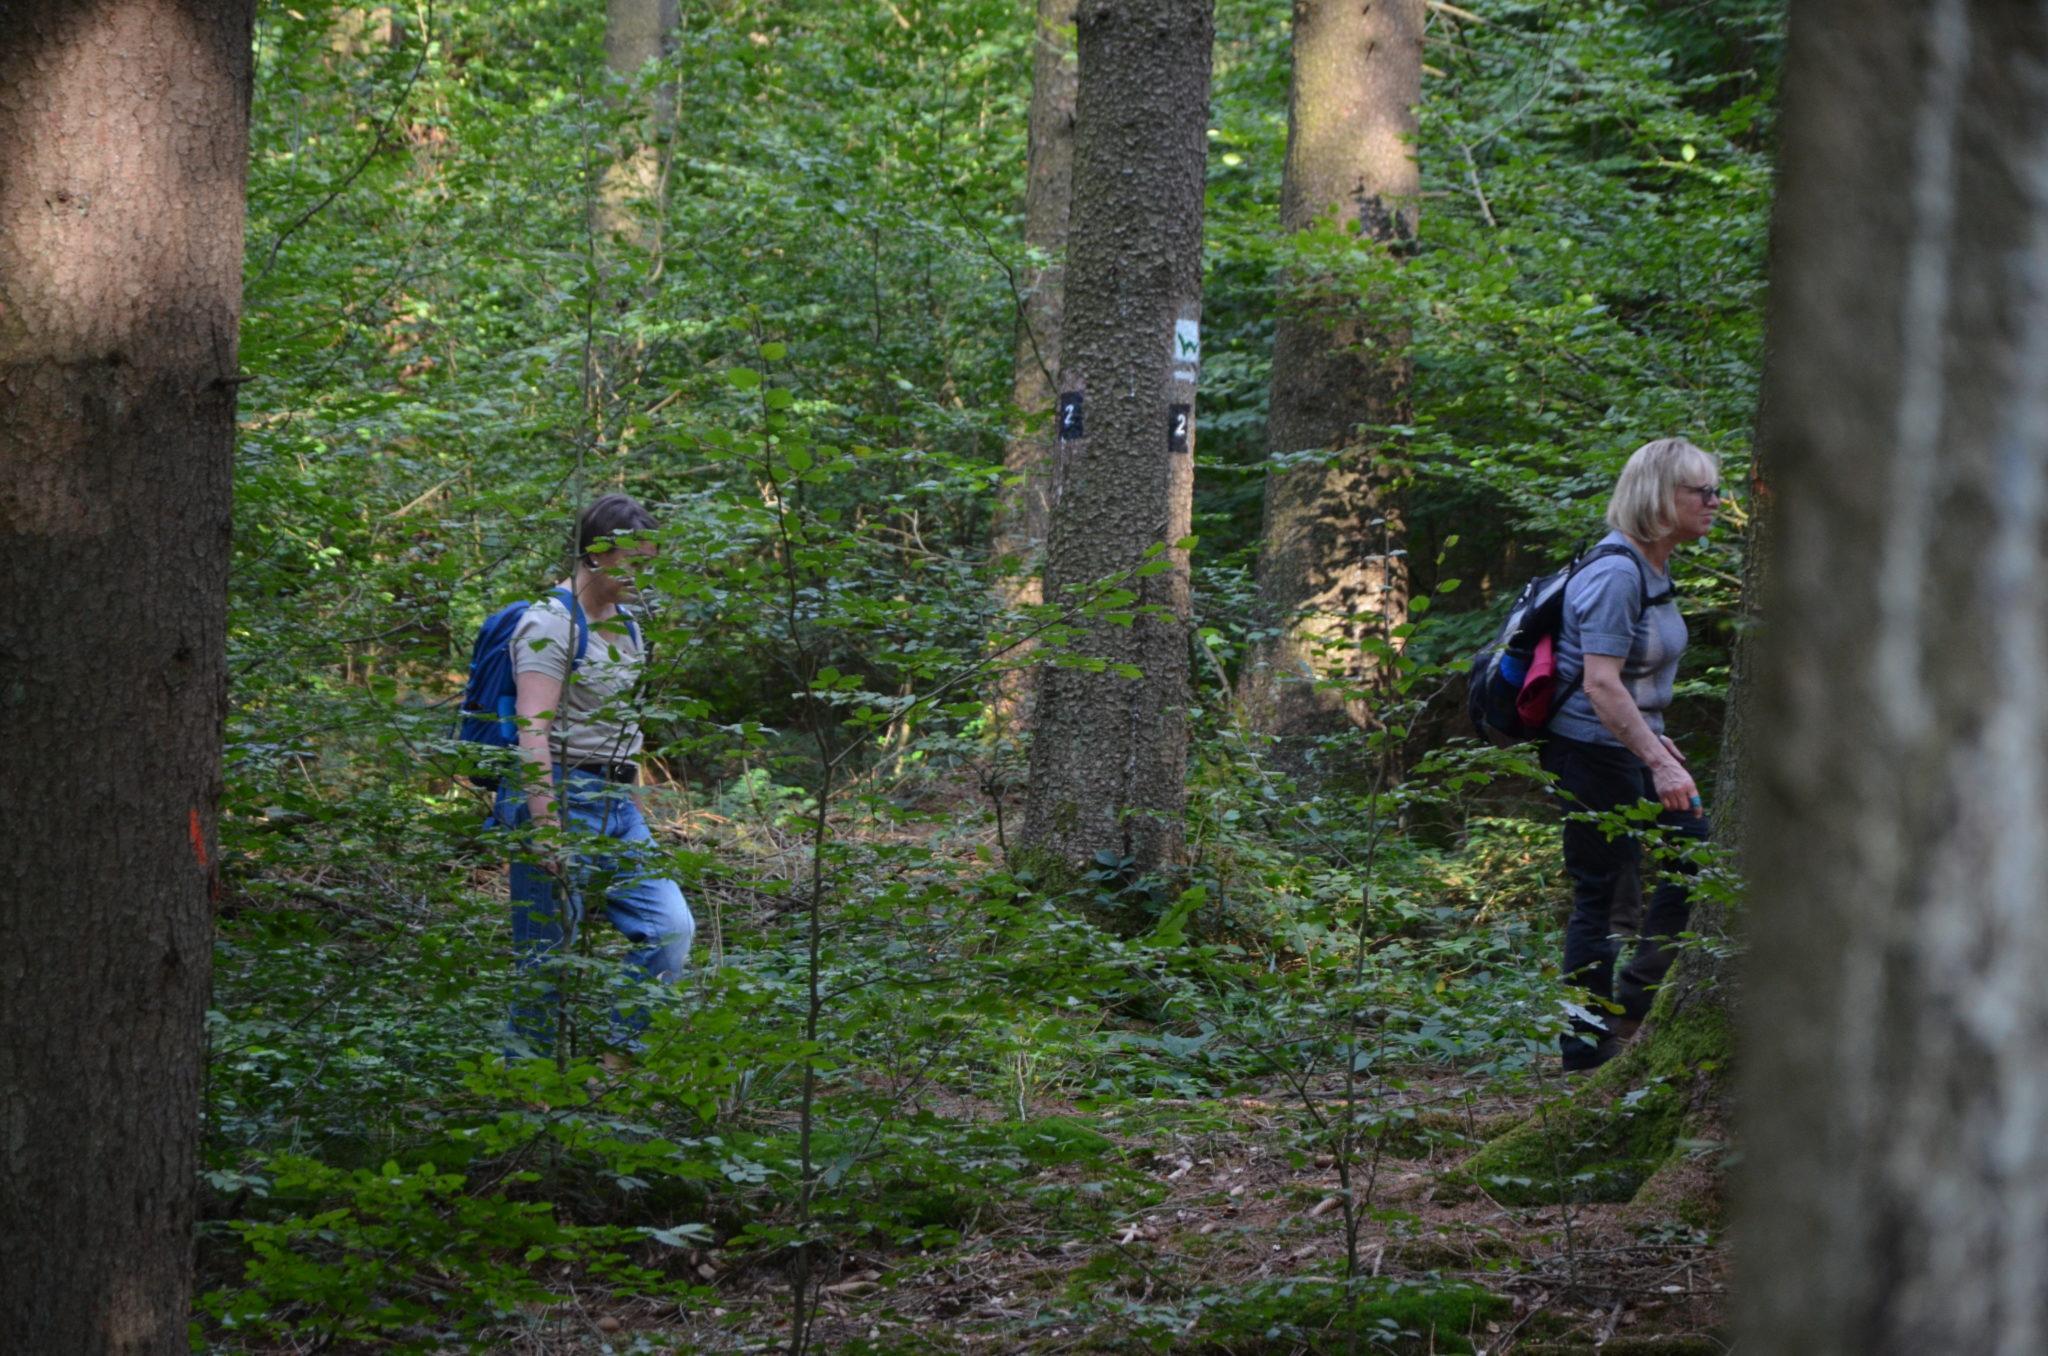 Streifzug im Wald